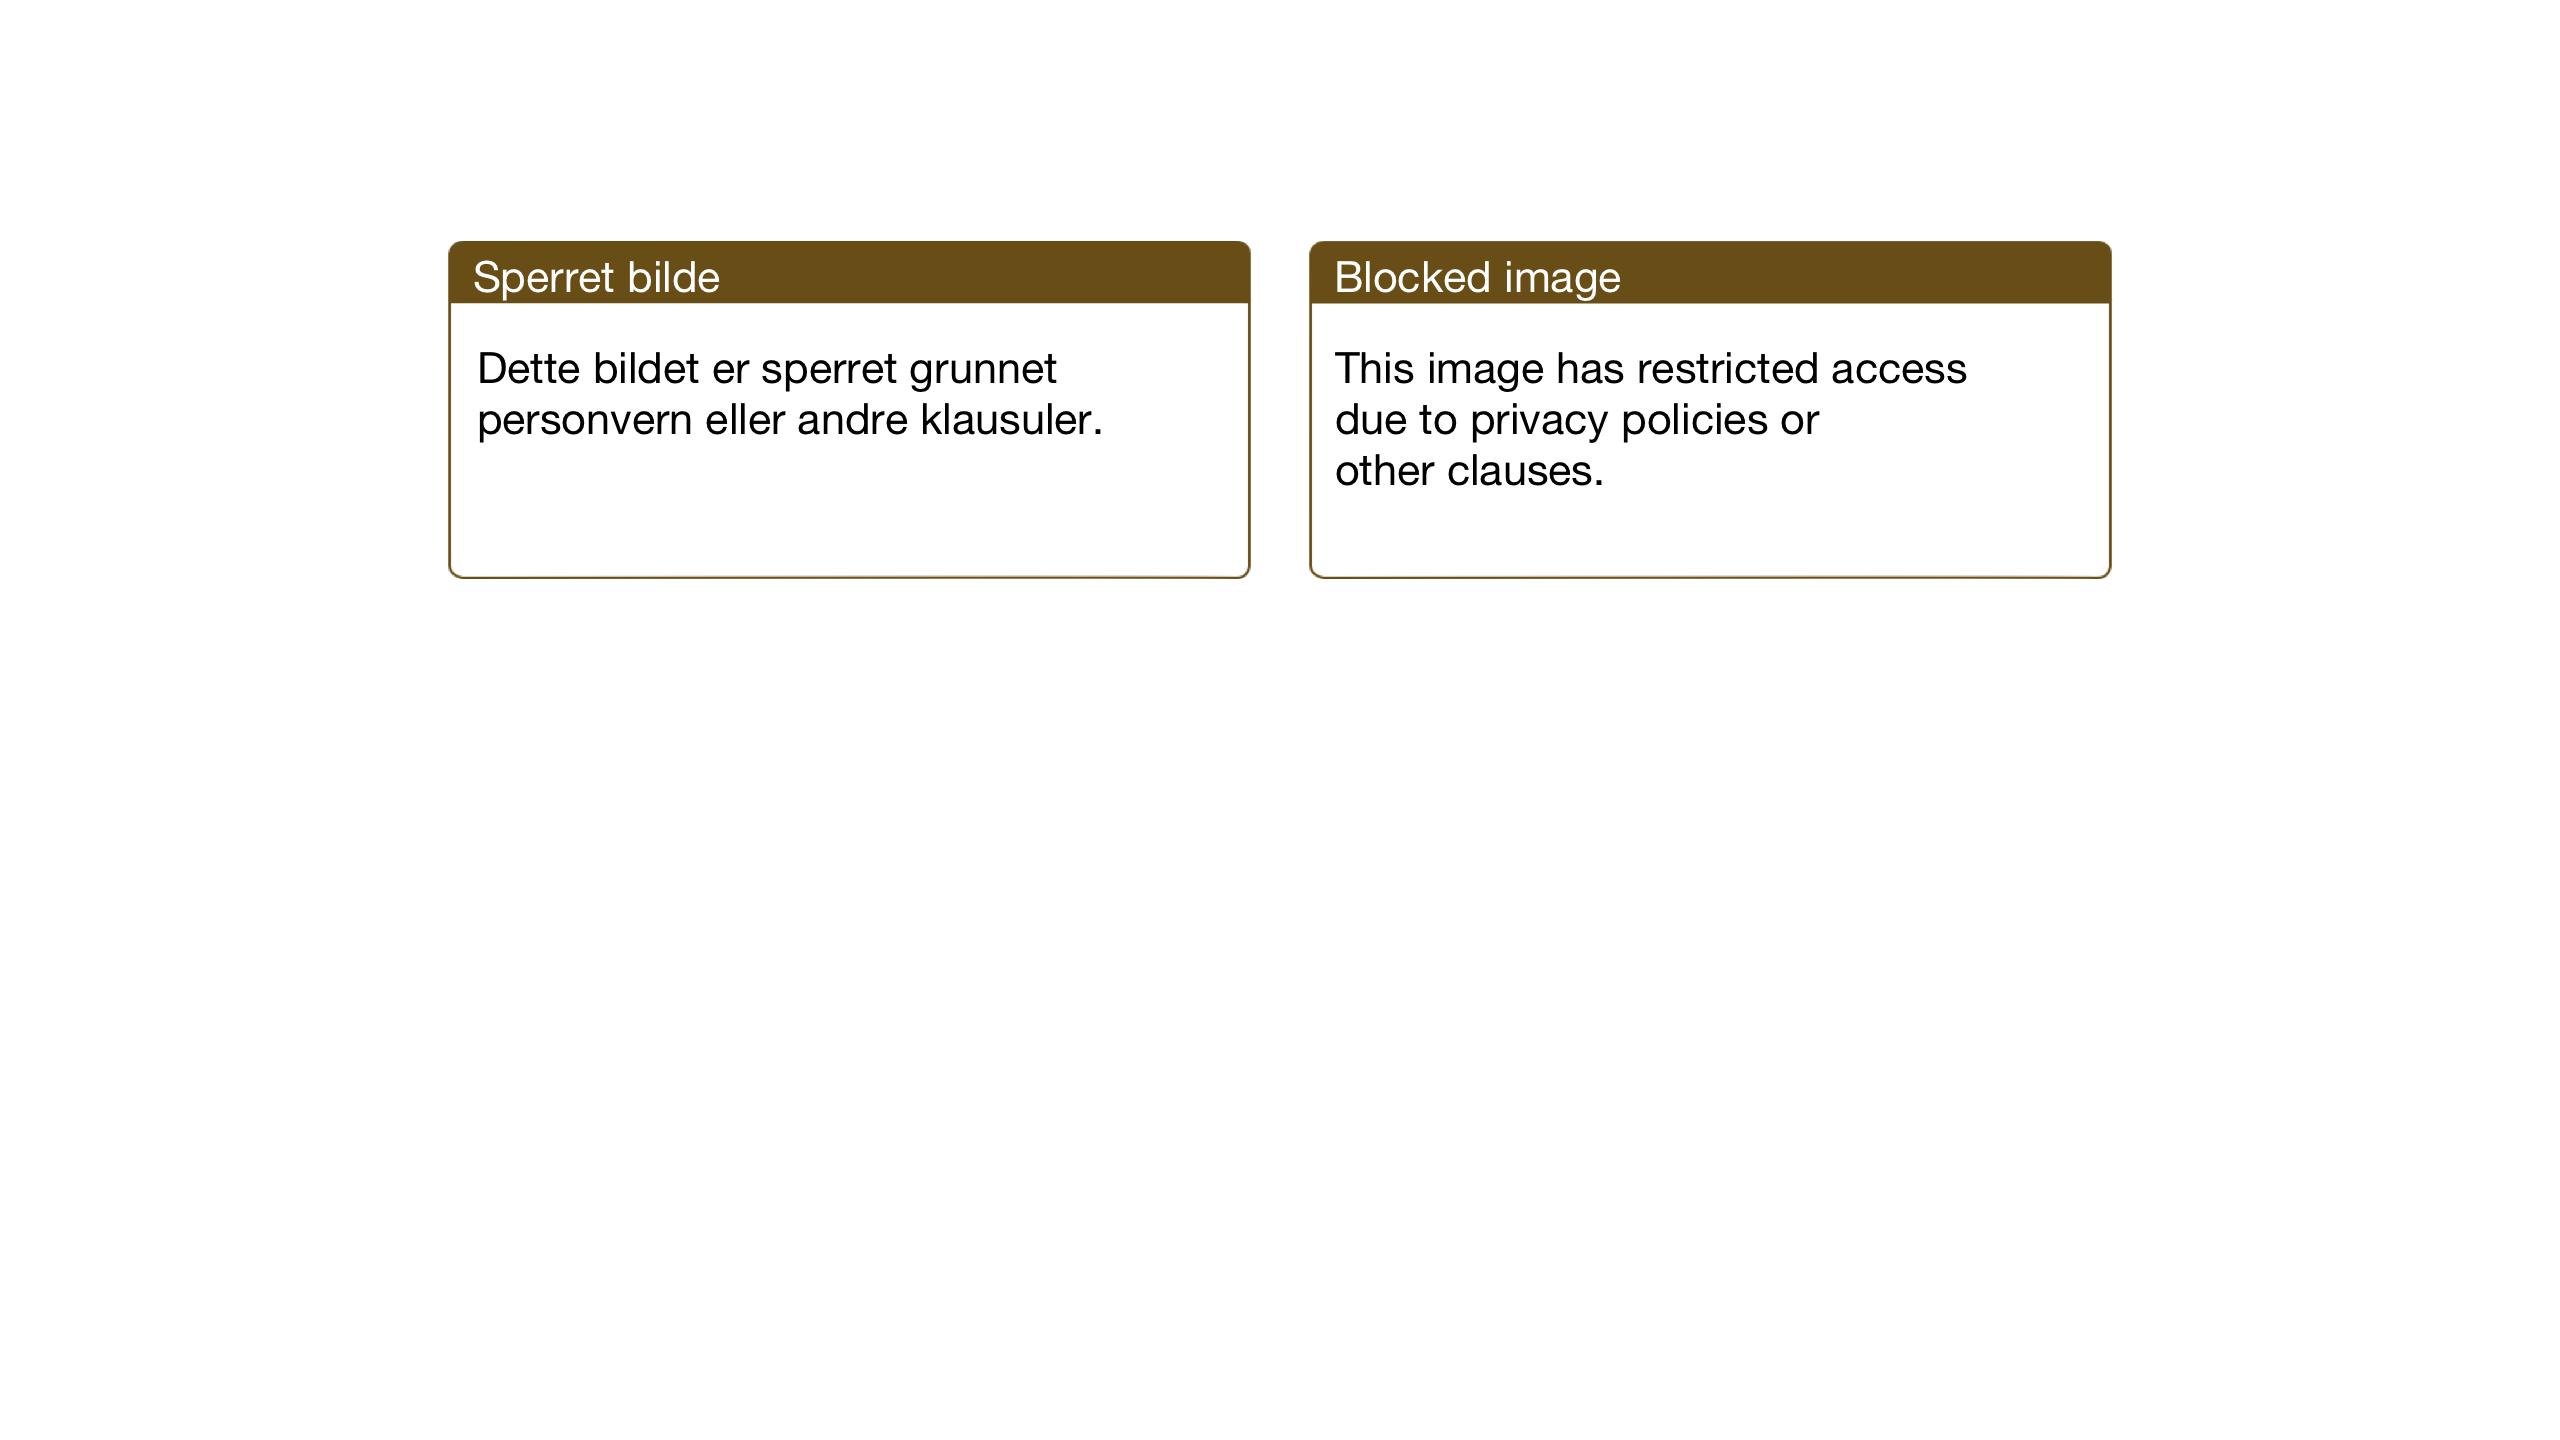 SAT, Ministerialprotokoller, klokkerbøker og fødselsregistre - Nord-Trøndelag, 768/L0583: Klokkerbok nr. 768C01, 1928-1953, s. 74